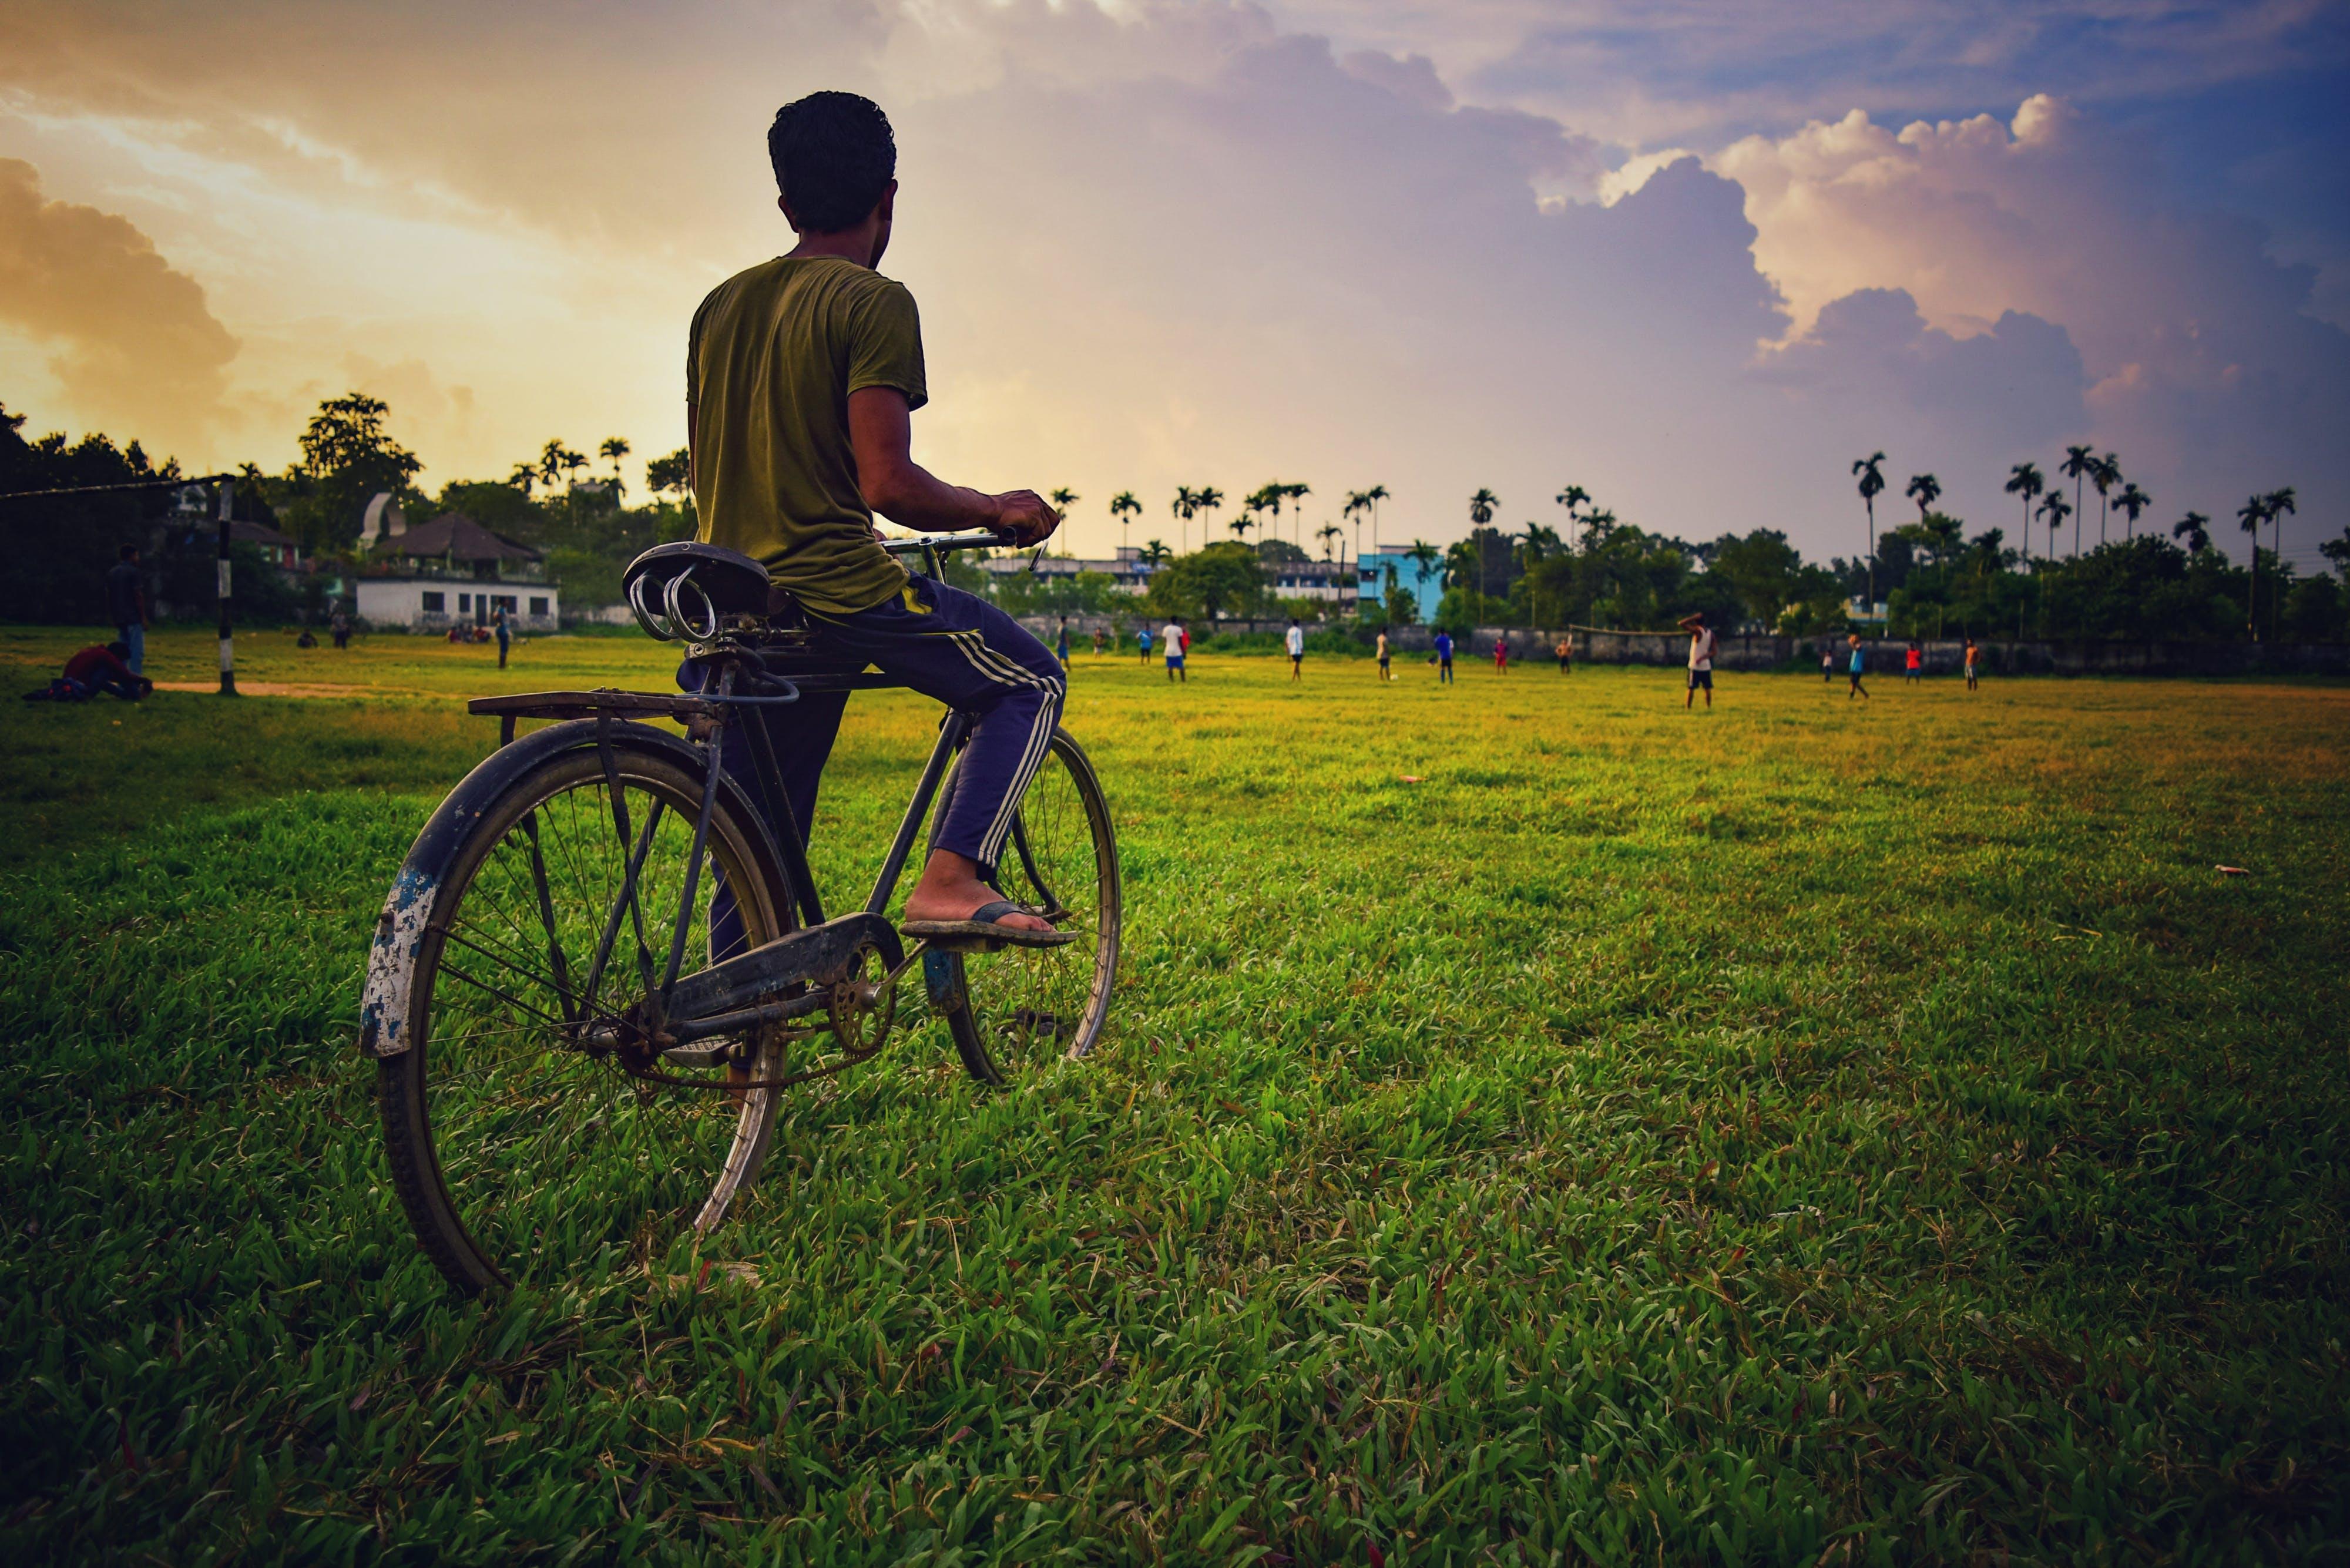 Δωρεάν στοκ φωτογραφιών με ατμοσφαιρικό βράδυ, ποδήλατο, πράσινο πεδίο